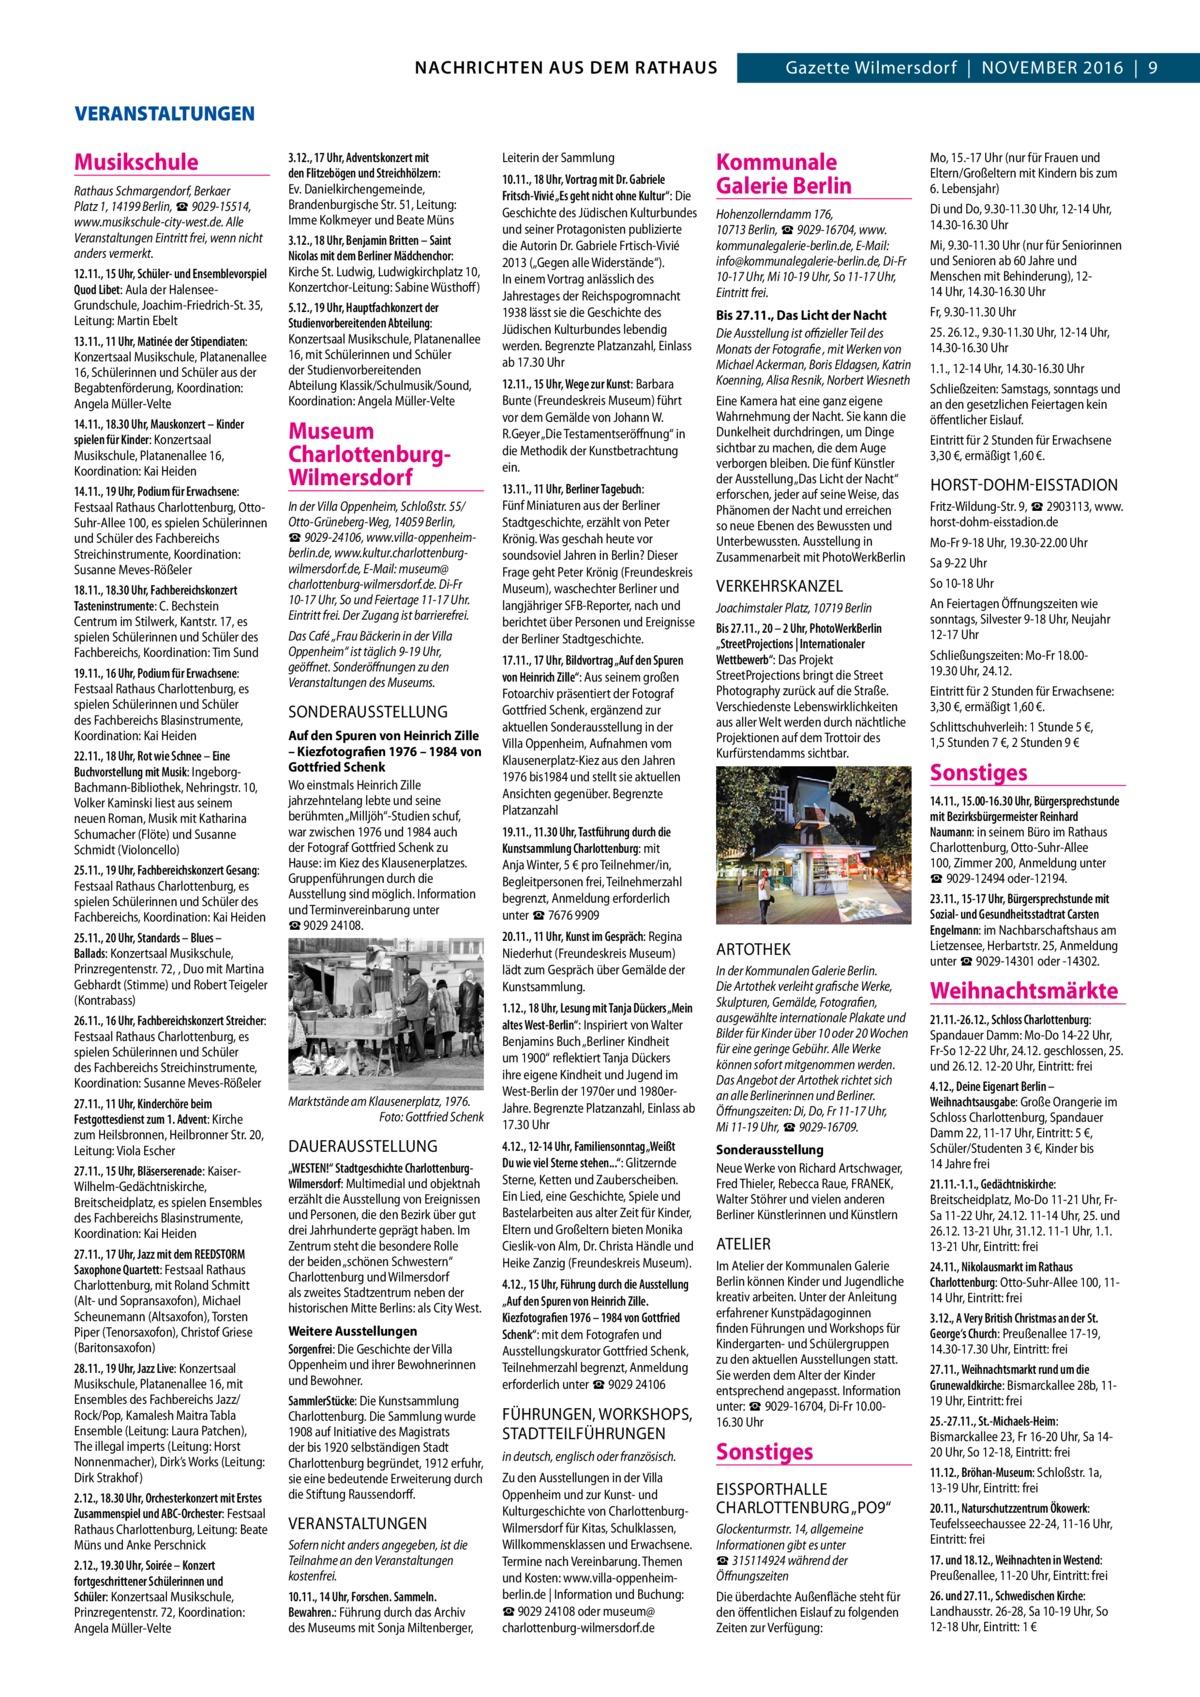 2  GAZETTE Wilmersdorf 11/16 NACHRICHTEN AUS DEM RATHAUS NACHRICHTEN AUS DEM RATHAUS Gazette Wilmersdorf|November 2016|9  VERANSTALTUNGEN  Musikschule Rathaus Schmargendorf, Berkaer Platz 1, 14199Berlin, ☎9029-15514, www.musikschule-city-west.de. Alle Veranstaltungen Eintritt frei, wenn nicht anders vermerkt. 12.11., 15Uhr, Schüler- und Ensemblevorspiel Quod Libet: Aula der HalenseeGrundschule, Joachim-Friedrich-St. 35, Leitung: Martin Ebelt 13.11., 11Uhr, Matinée der Stipendiaten: Konzertsaal Musikschule, Platanenallee 16, Schülerinnen und Schüler aus der Begabtenförderung, Koordination: Angela Müller-Velte 14.11., 18.30Uhr, Mauskonzert – Kinder spielen für Kinder: Konzertsaal Musikschule, Platanenallee 16, Koordination: Kai Heiden 14.11., 19Uhr, Podium für Erwachsene: Festsaal Rathaus Charlottenburg, OttoSuhr-Allee 100, es spielen Schülerinnen und Schüler des Fachbereichs Streichinstrumente, Koordination: Susanne Meves-Rößeler 18.11., 18.30Uhr, Fachbereichskonzert Tasteninstrumente: C. Bechstein Centrum im Stilwerk, Kantstr.17, es spielen Schülerinnen und Schüler des Fachbereichs, Koordination: Tim Sund 19.11., 16Uhr, Podium für Erwachsene: Festsaal Rathaus Charlottenburg, es spielen Schülerinnen und Schüler des Fachbereichs Blasinstrumente, Koordination: Kai Heiden 22.11., 18Uhr, Rot wie Schnee – Eine Buchvorstellung mit Musik: IngeborgBachmann-Bibliothek, Nehringstr.10, Volker Kaminski liest aus seinem neuen Roman, Musik mit Katharina Schumacher (Flöte) und Susanne Schmidt (Violoncello) 25.11., 19Uhr, Fachbereichskonzert Gesang: Festsaal Rathaus Charlottenburg, es spielen Schülerinnen und Schüler des Fachbereichs, Koordination: Kai Heiden 25.11., 20Uhr, Standards – Blues – Ballads: Konzertsaal Musikschule, Prinzregentenstr.72, , Duo mit Martina Gebhardt (Stimme) und Robert Teigeler (Kontrabass) 26.11., 16Uhr, Fachbereichskonzert Streicher: Festsaal Rathaus Charlottenburg, es spielen Schülerinnen und Schüler des Fachbereichs Streichinstrumente, Koordination: Susa